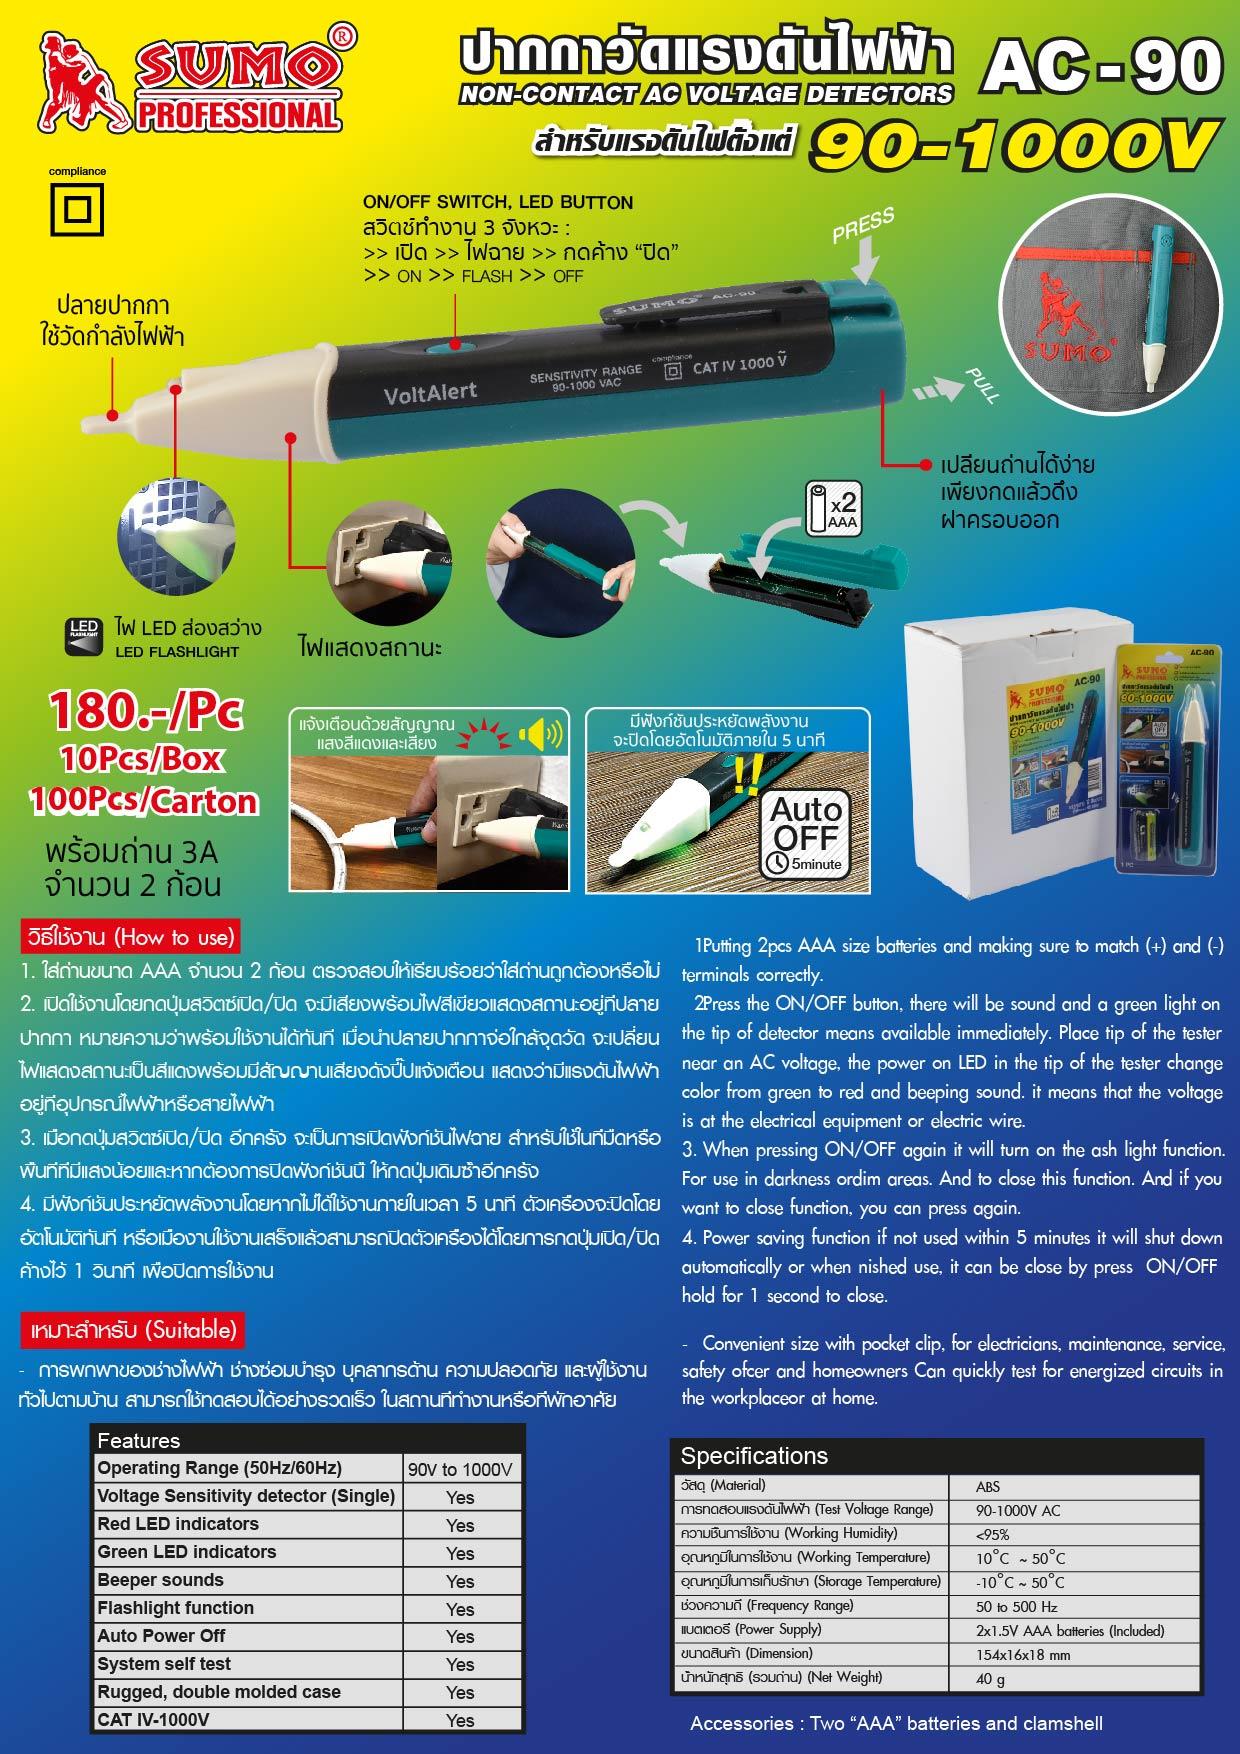 (40/107) ปากกาวัดแรงดันไฟฟ้า AC-90